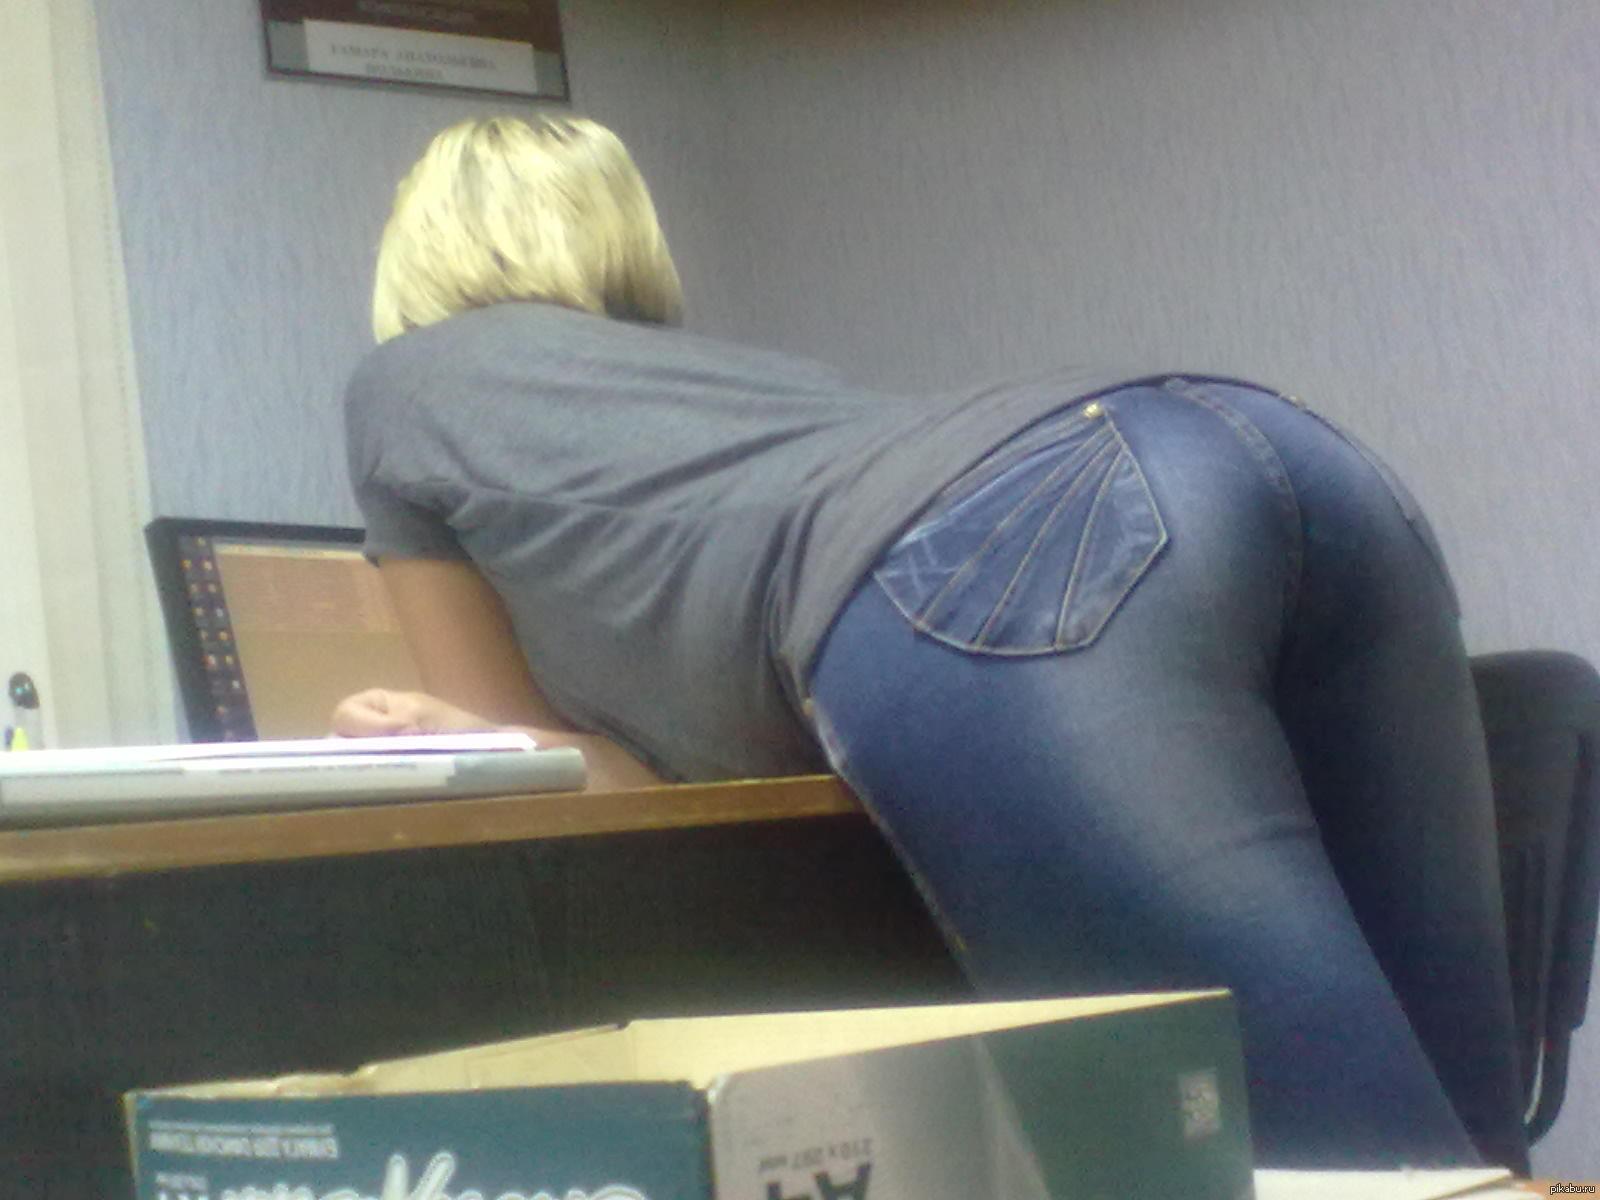 Частное фото женщина в штанах, Голые девушки со спущенными штанами Фото голых 19 фотография